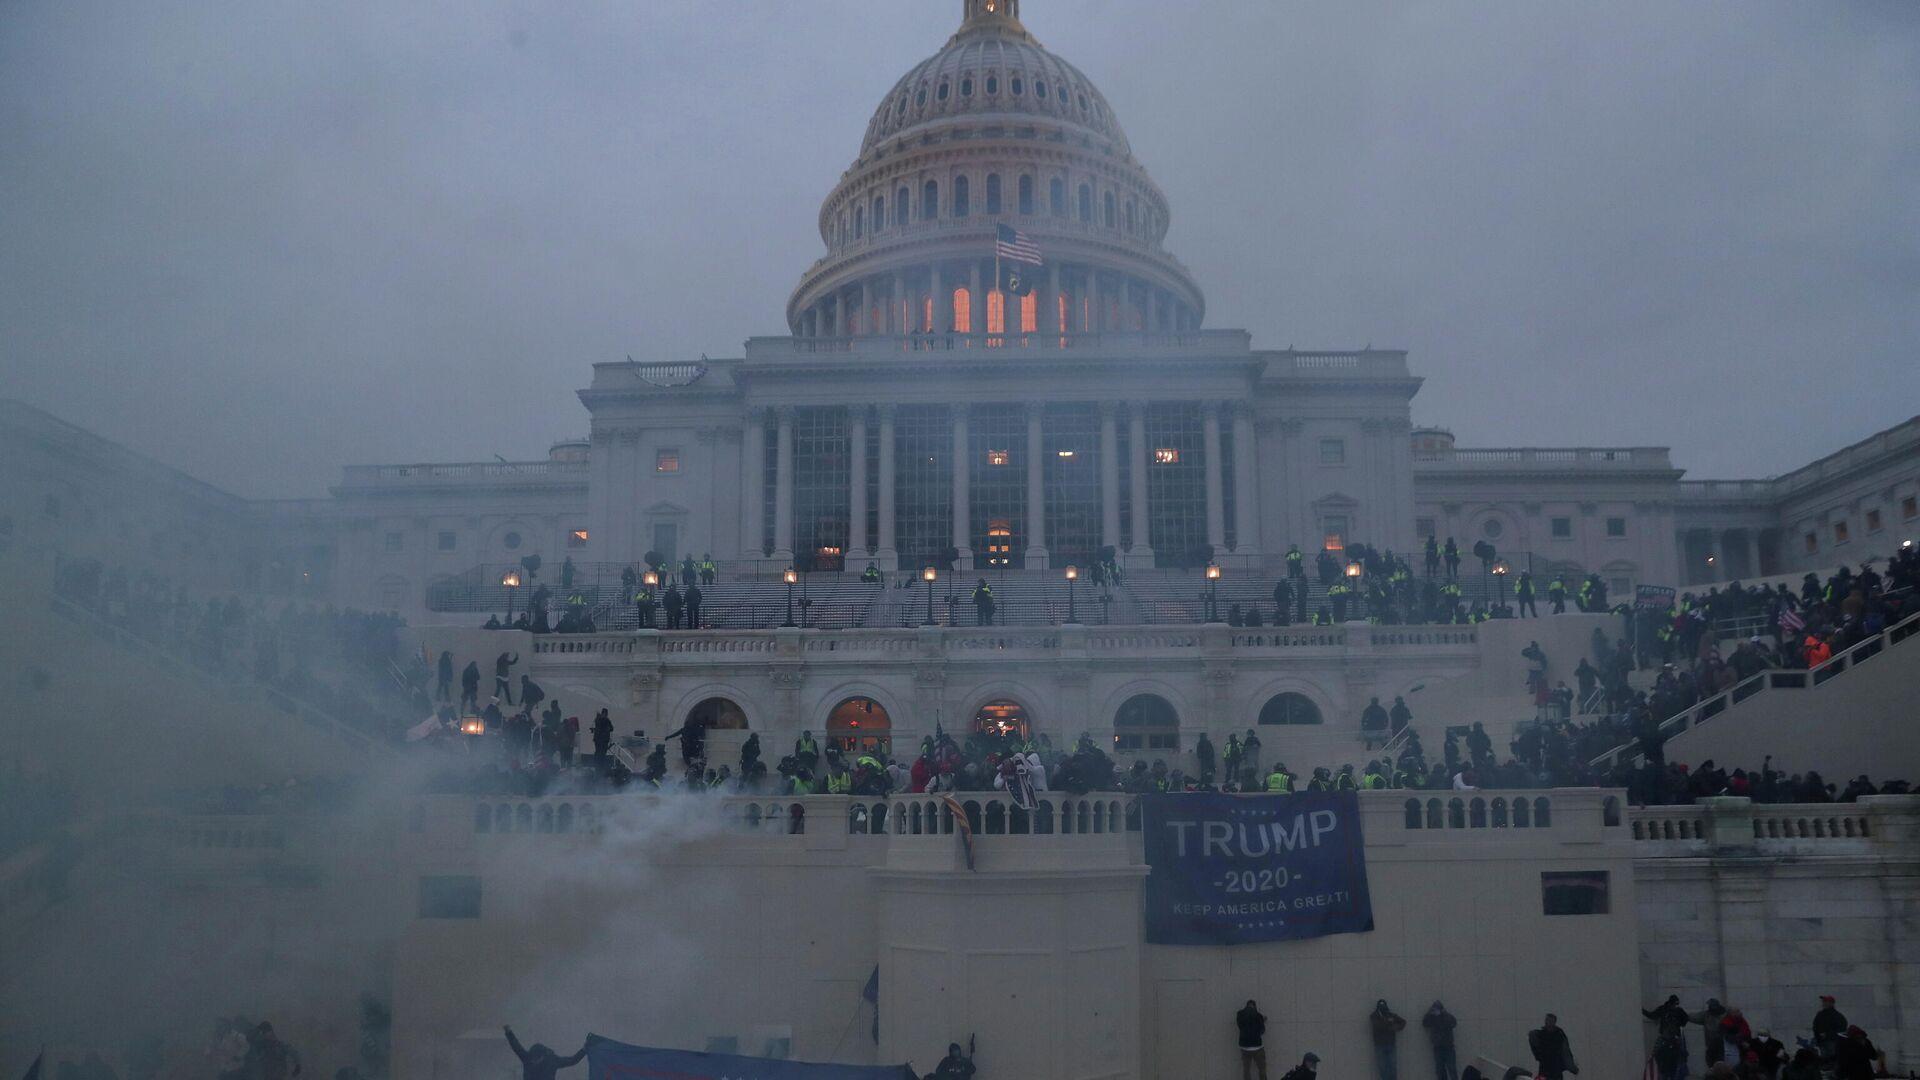 Участники акции сторонников действующего президента США Дональда Трампа у здания конгресса в Вашингтоне - РИА Новости, 1920, 22.01.2021